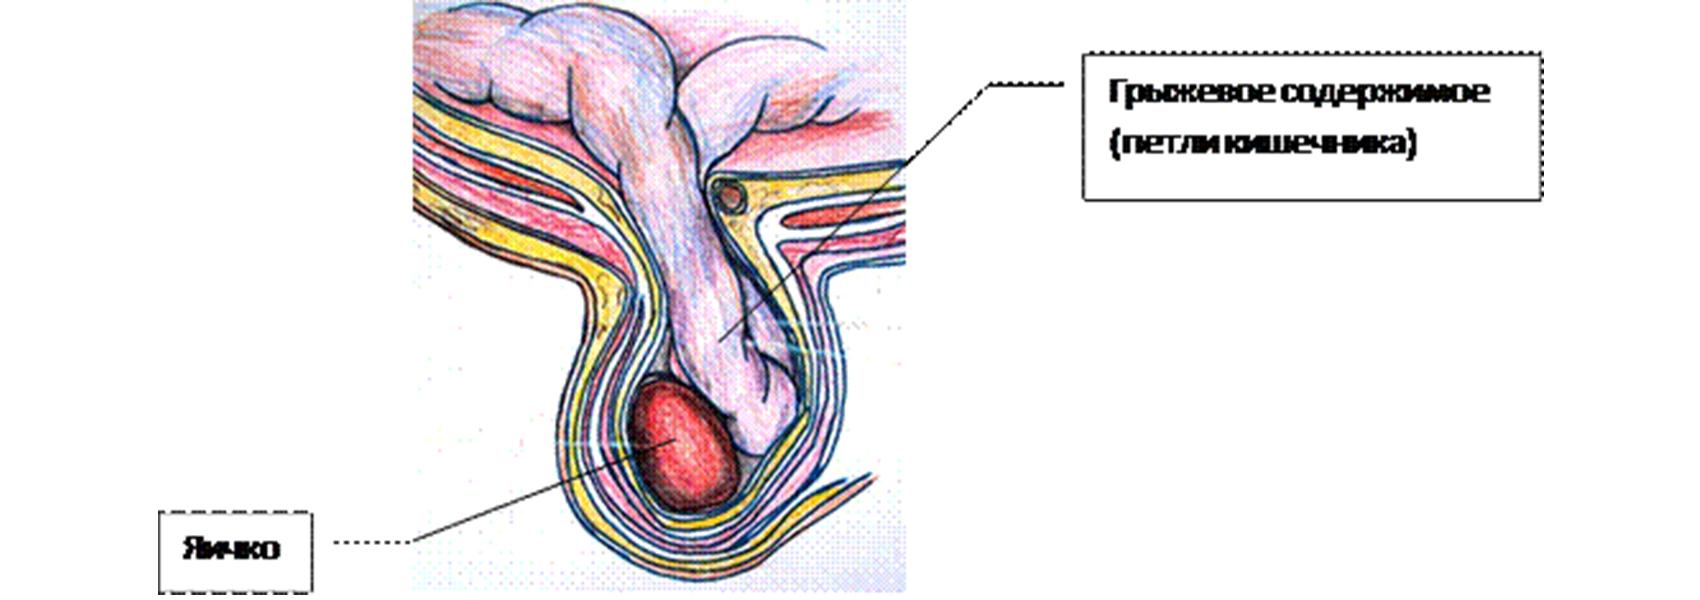 hogy néz ki az erekciós pénisz idegimpulzusok a pénisz felé